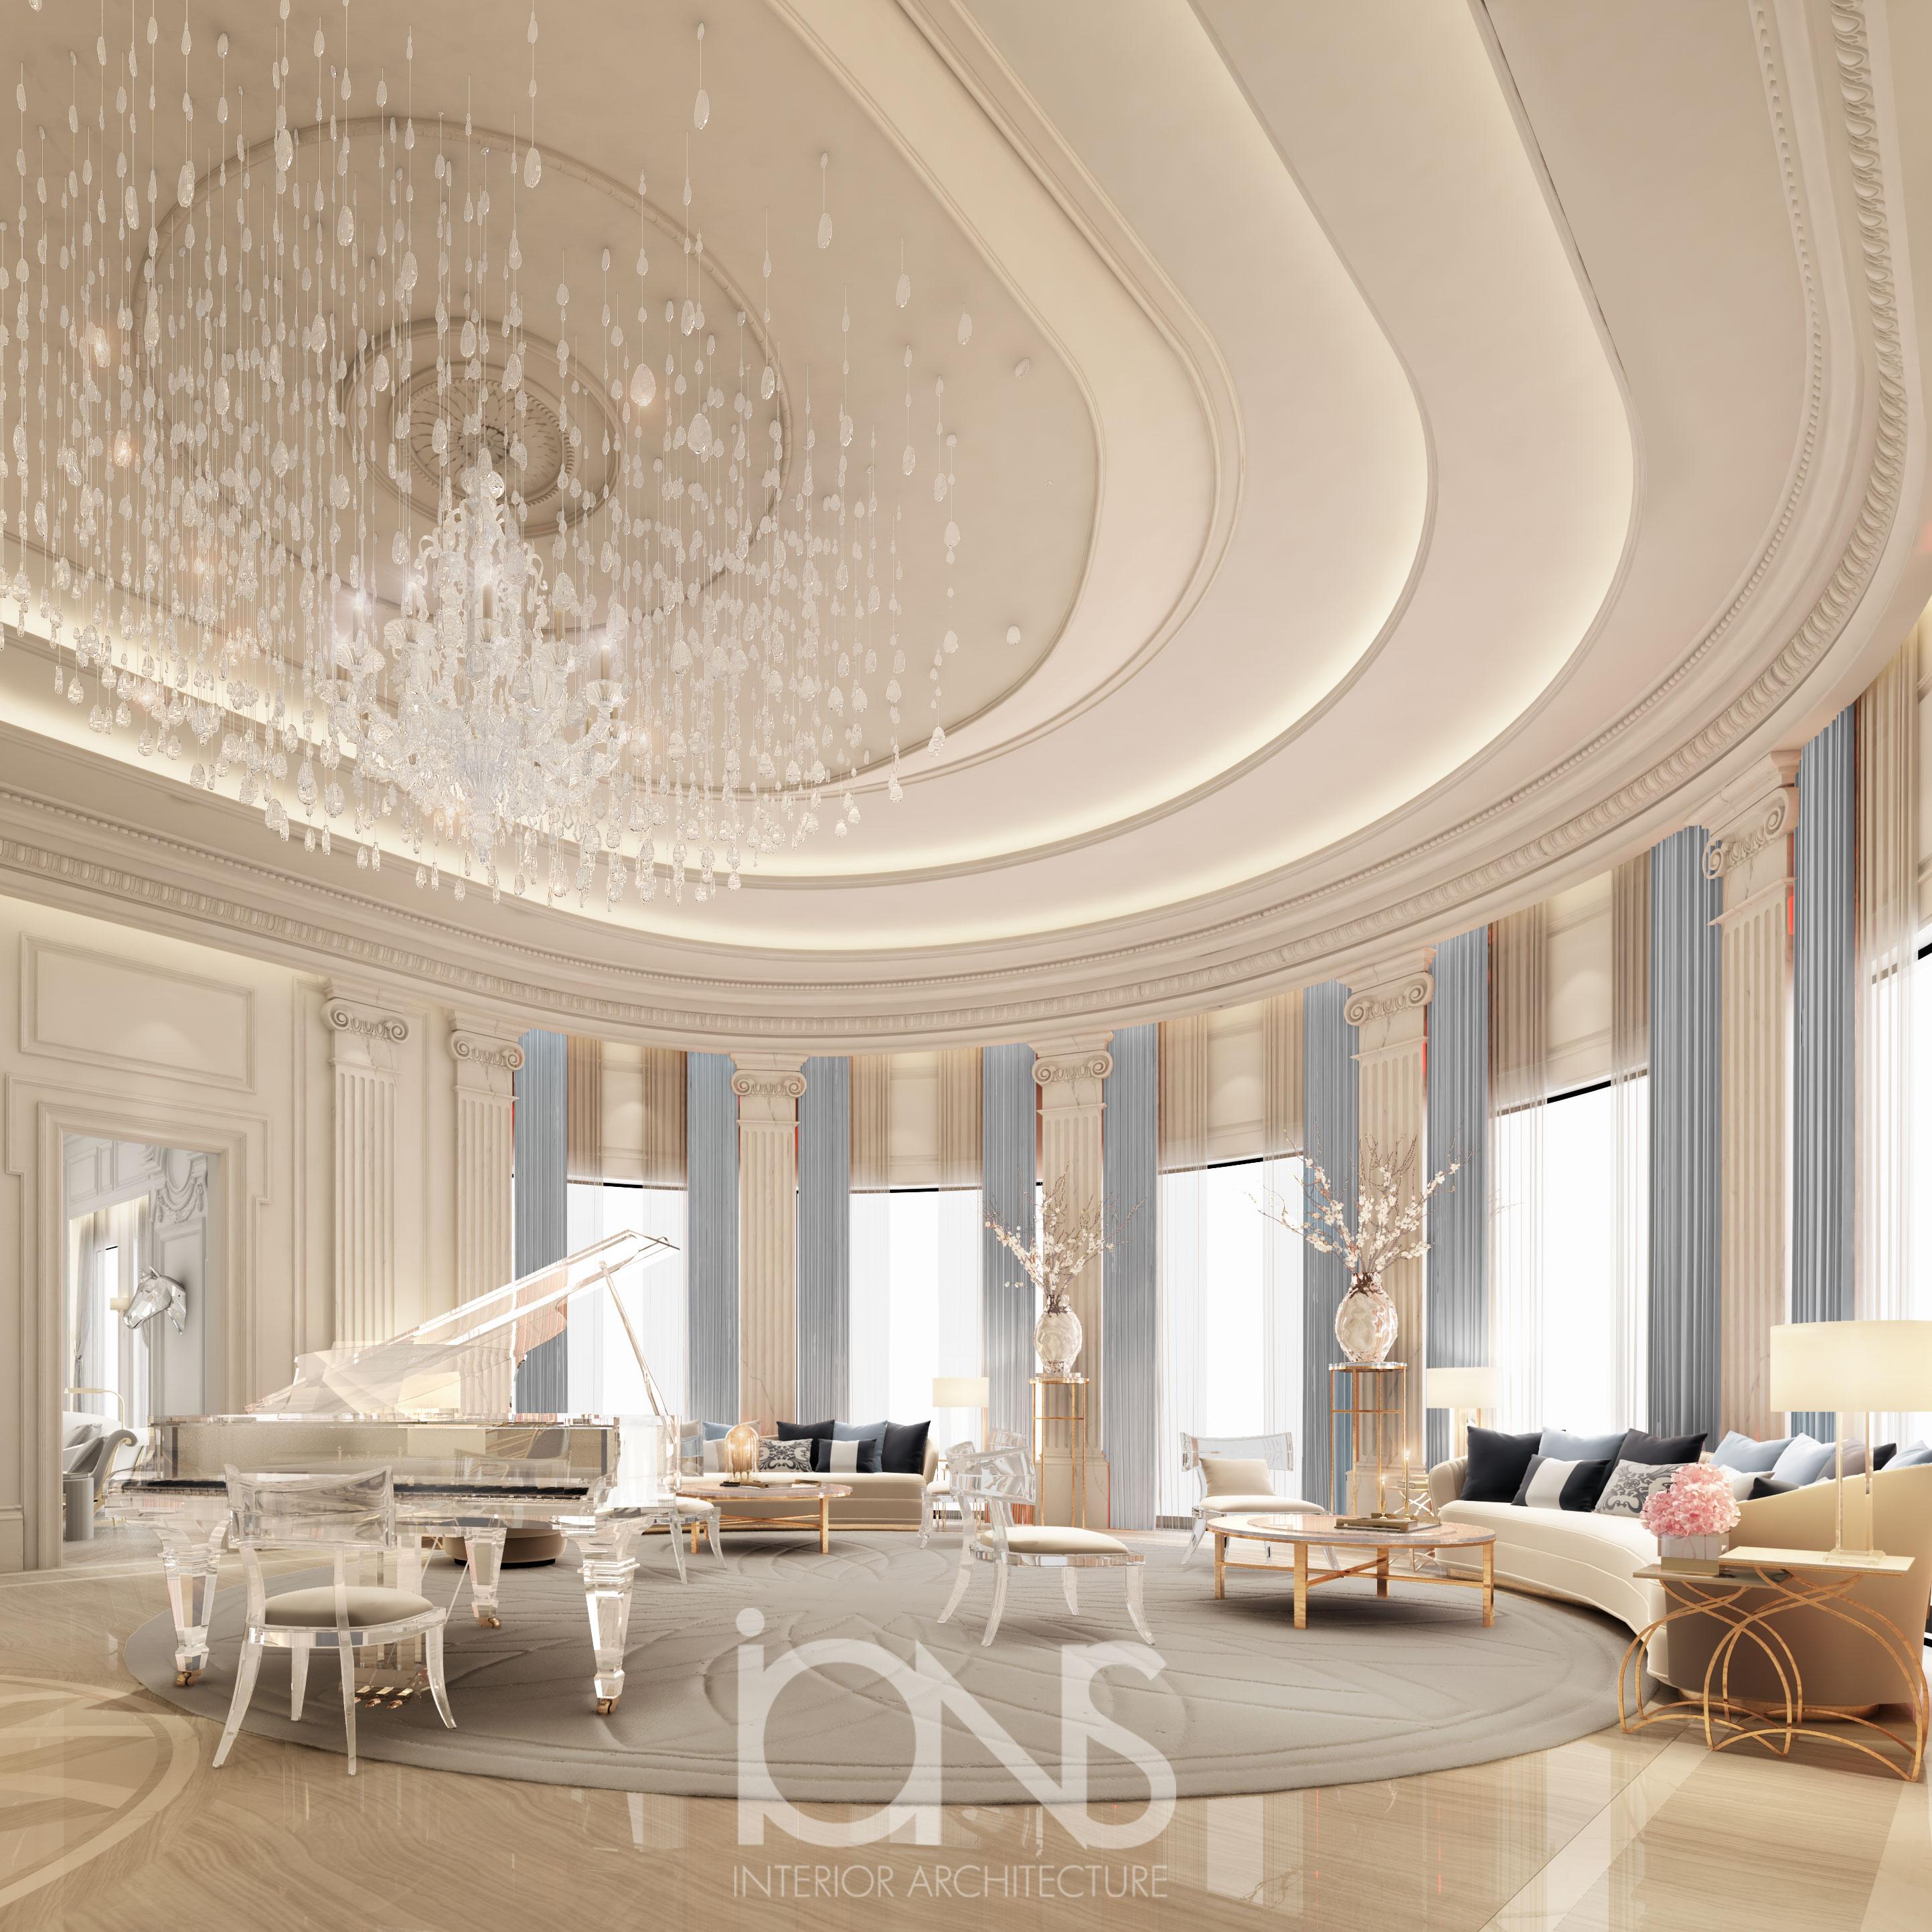 Grand Piano Room Interior Design